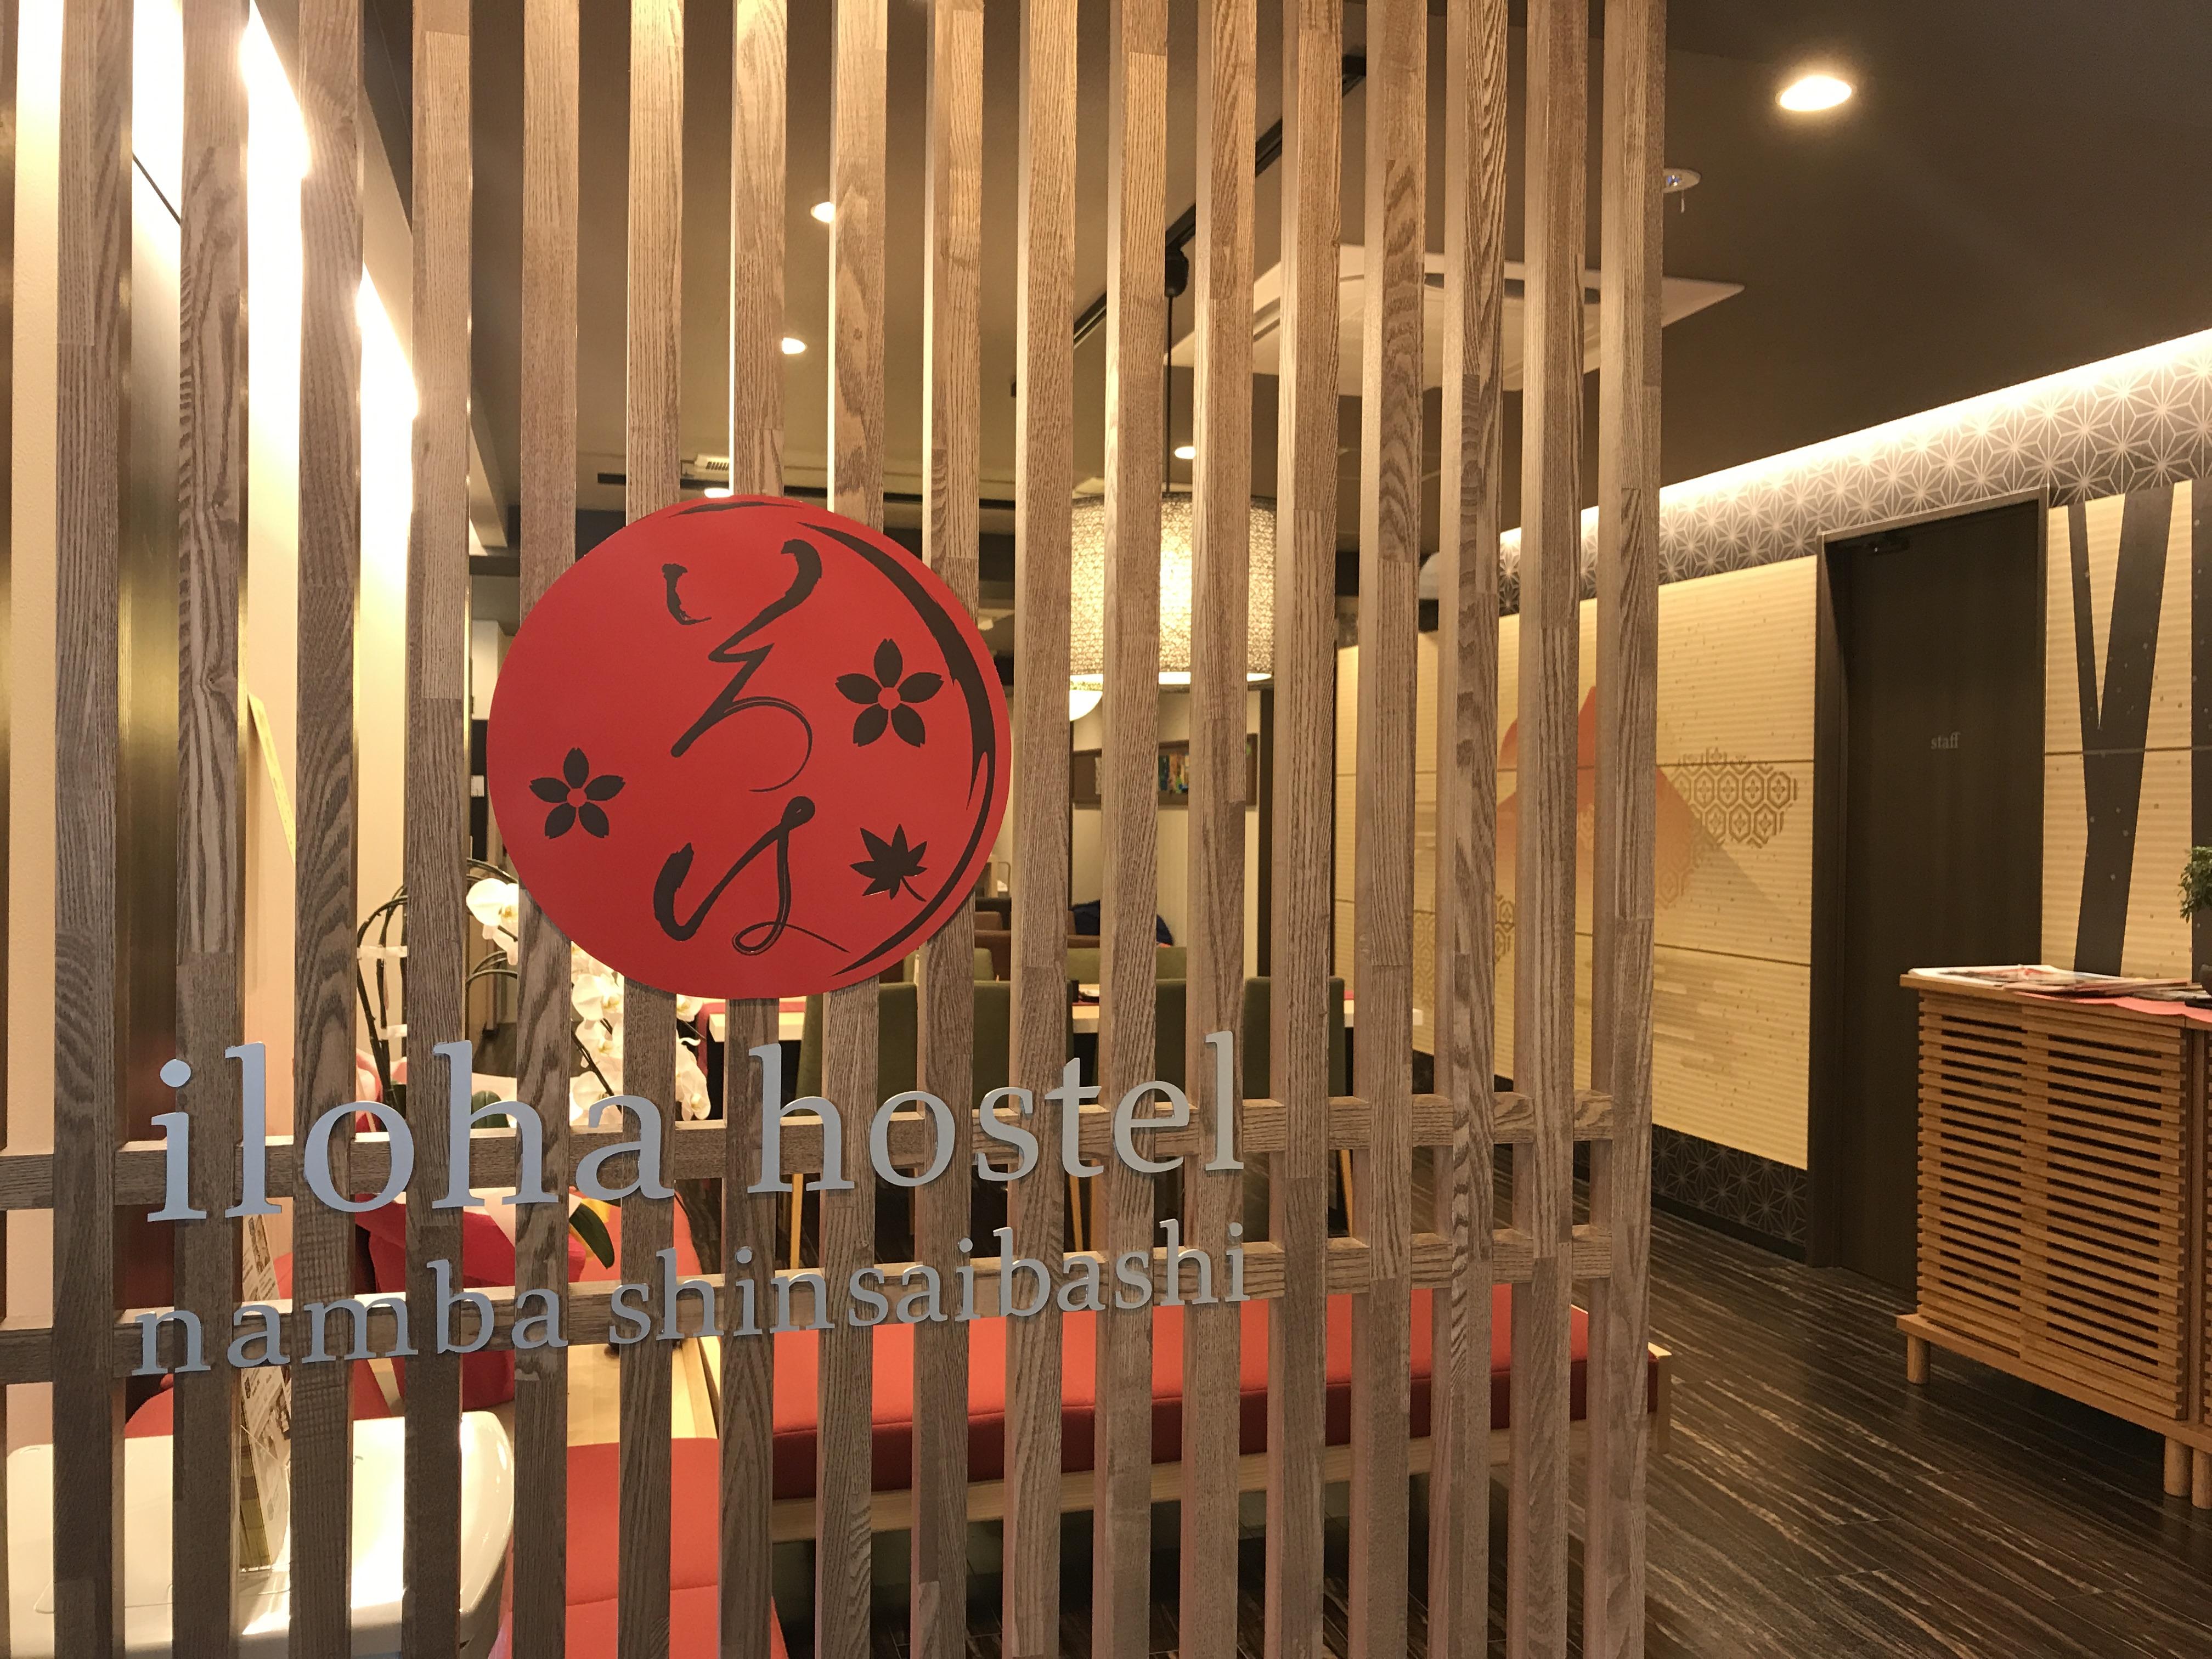 【関西→山陰→四国→北陸】ゲストハウス 大阪 いろはホステル【旅行2日目 続・大阪編】